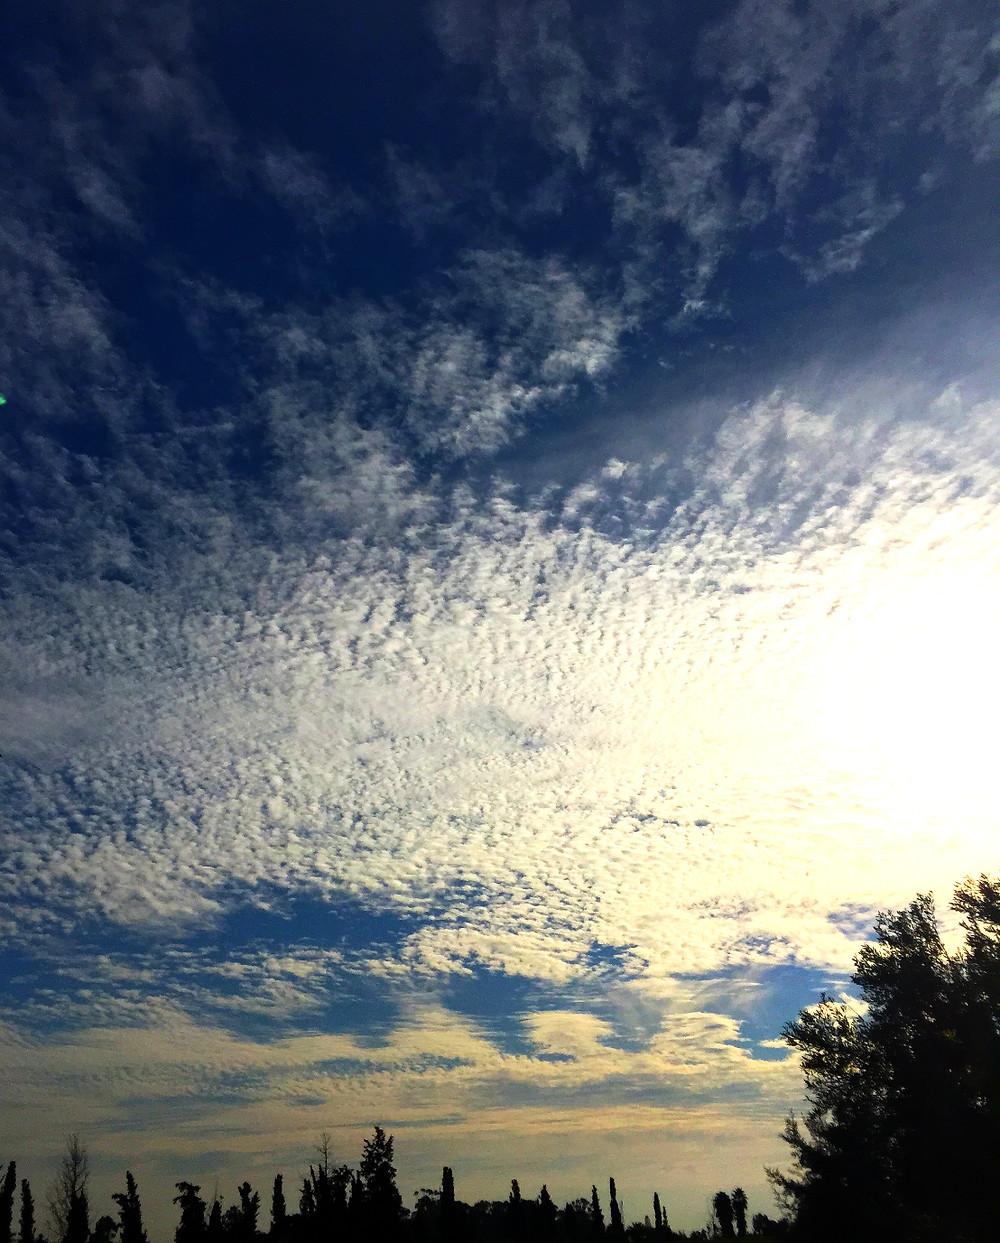 השמיים הם הגבול